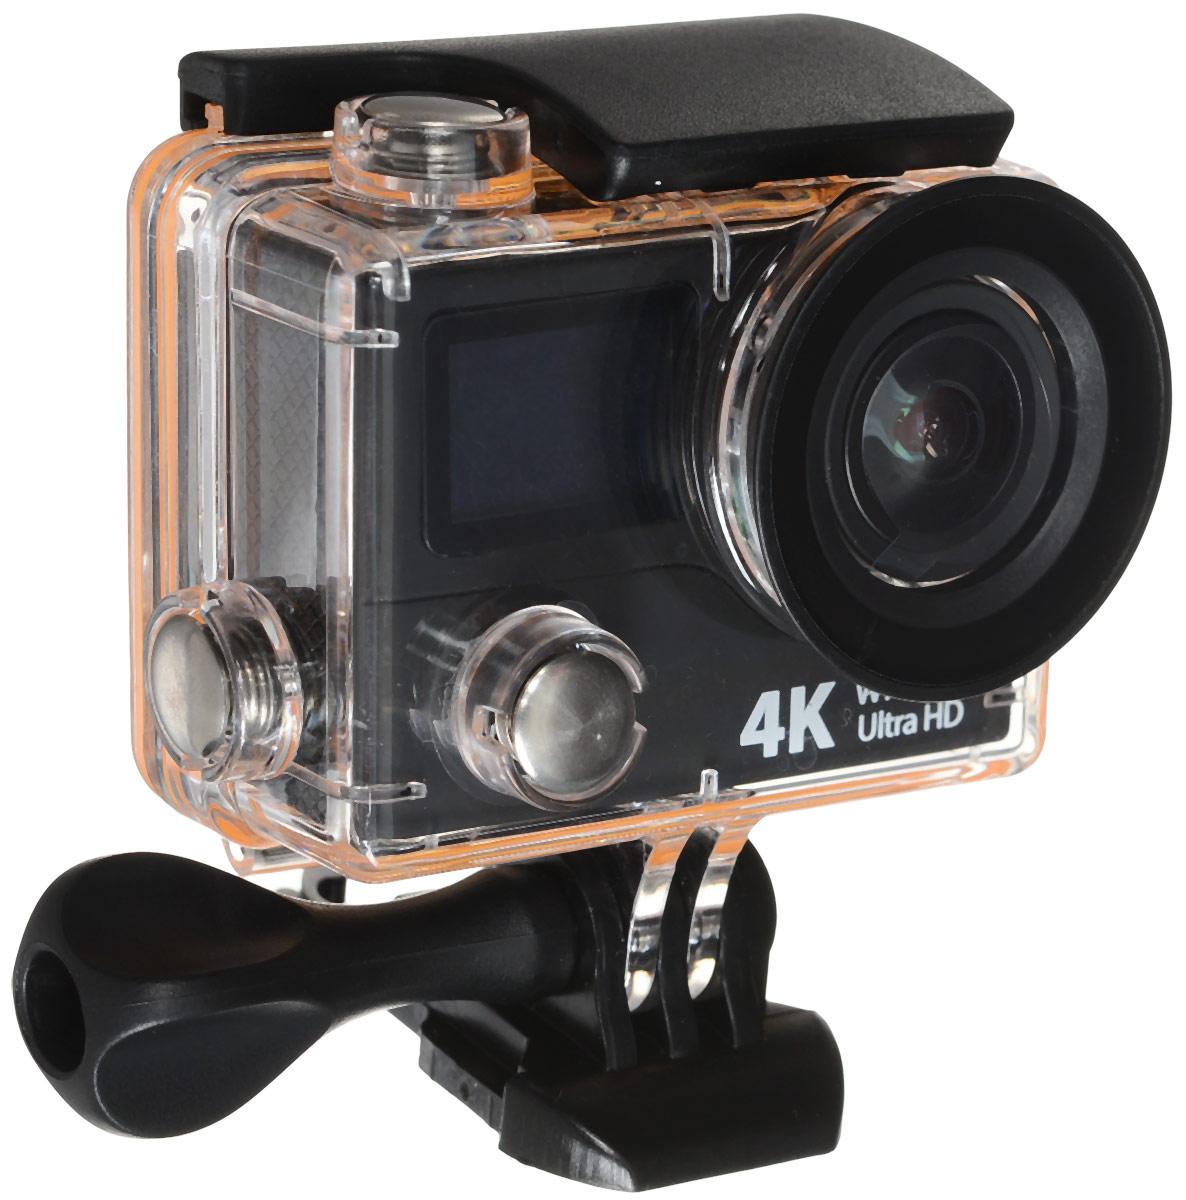 лучшая цена Eken H3R Ultra HD, Black экшн-камера